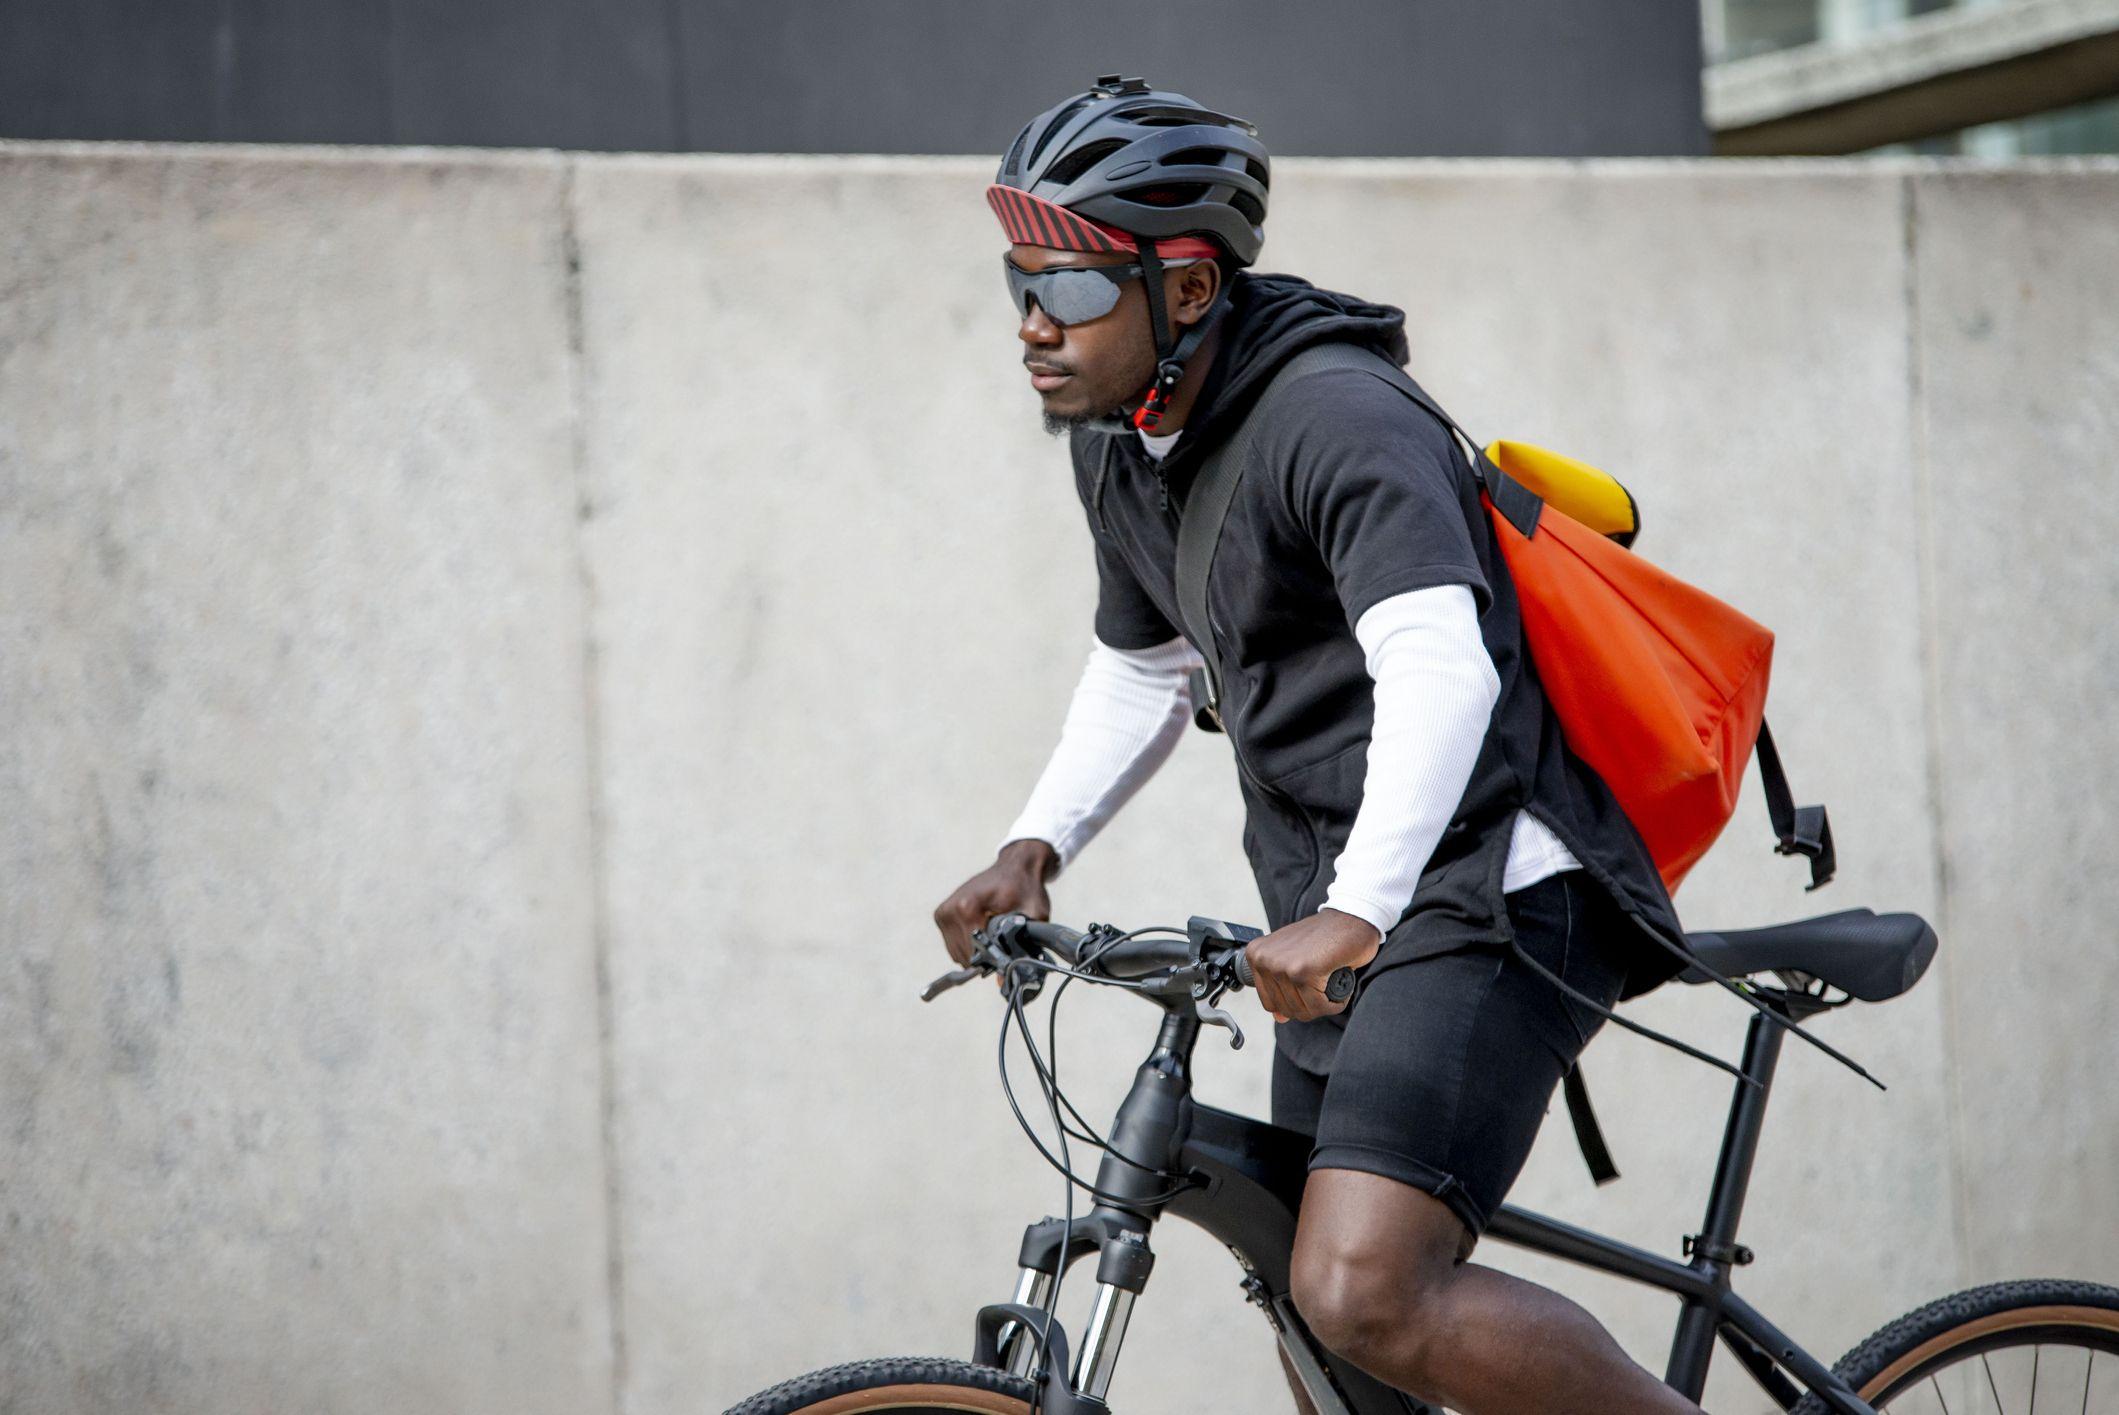 2020 Mens Road Cycling Short Pants Bike Bib Shorts Black Bottoms Outfits Clothes